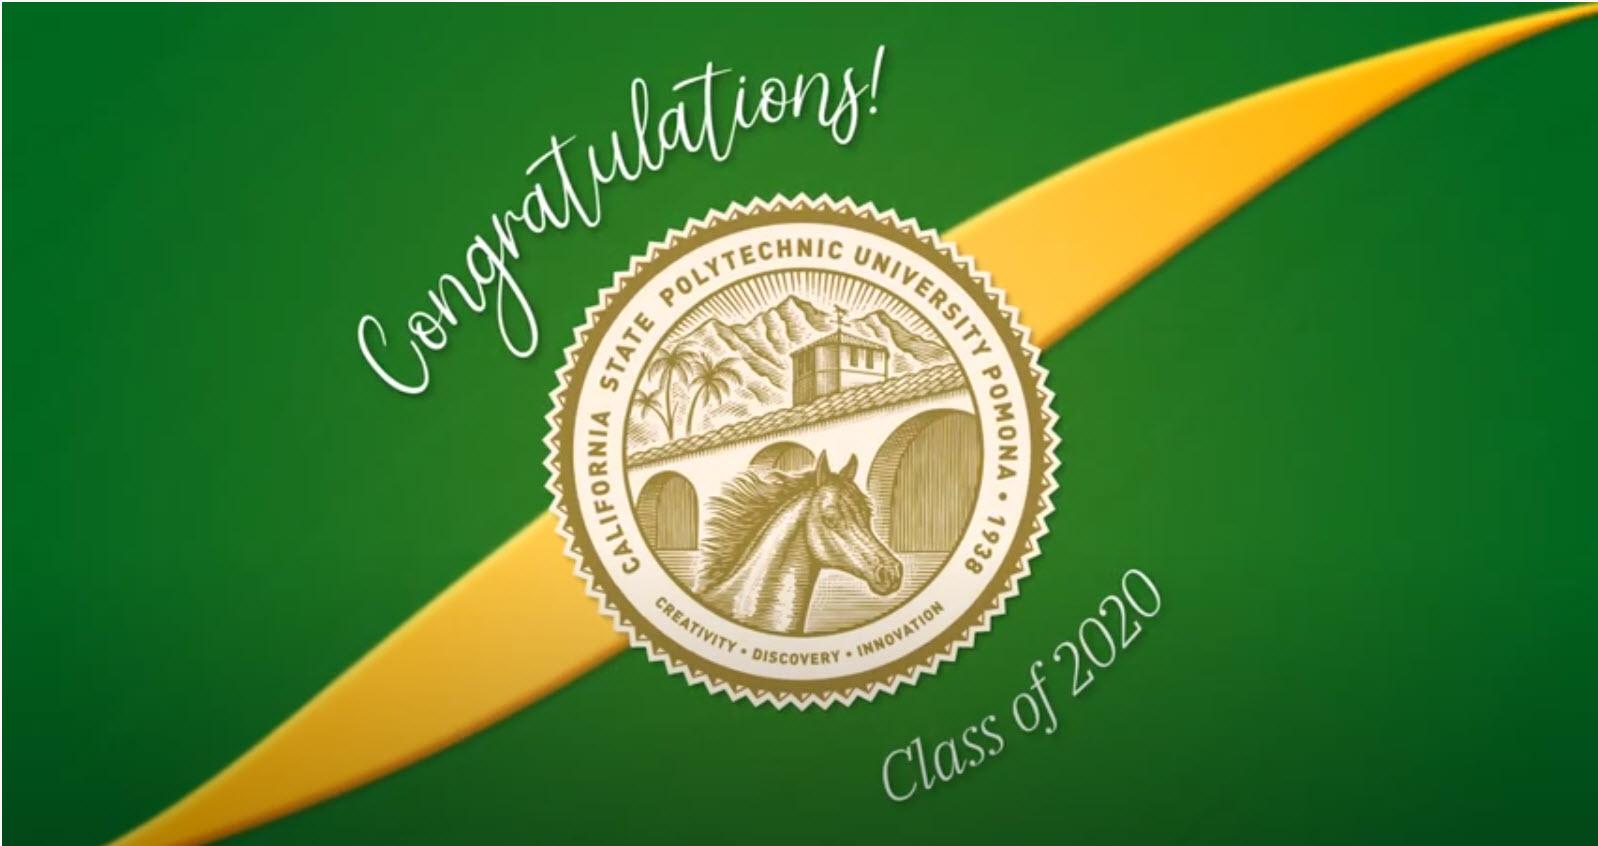 """Screenshot of title card """"Congratulations! Class of 2020"""""""